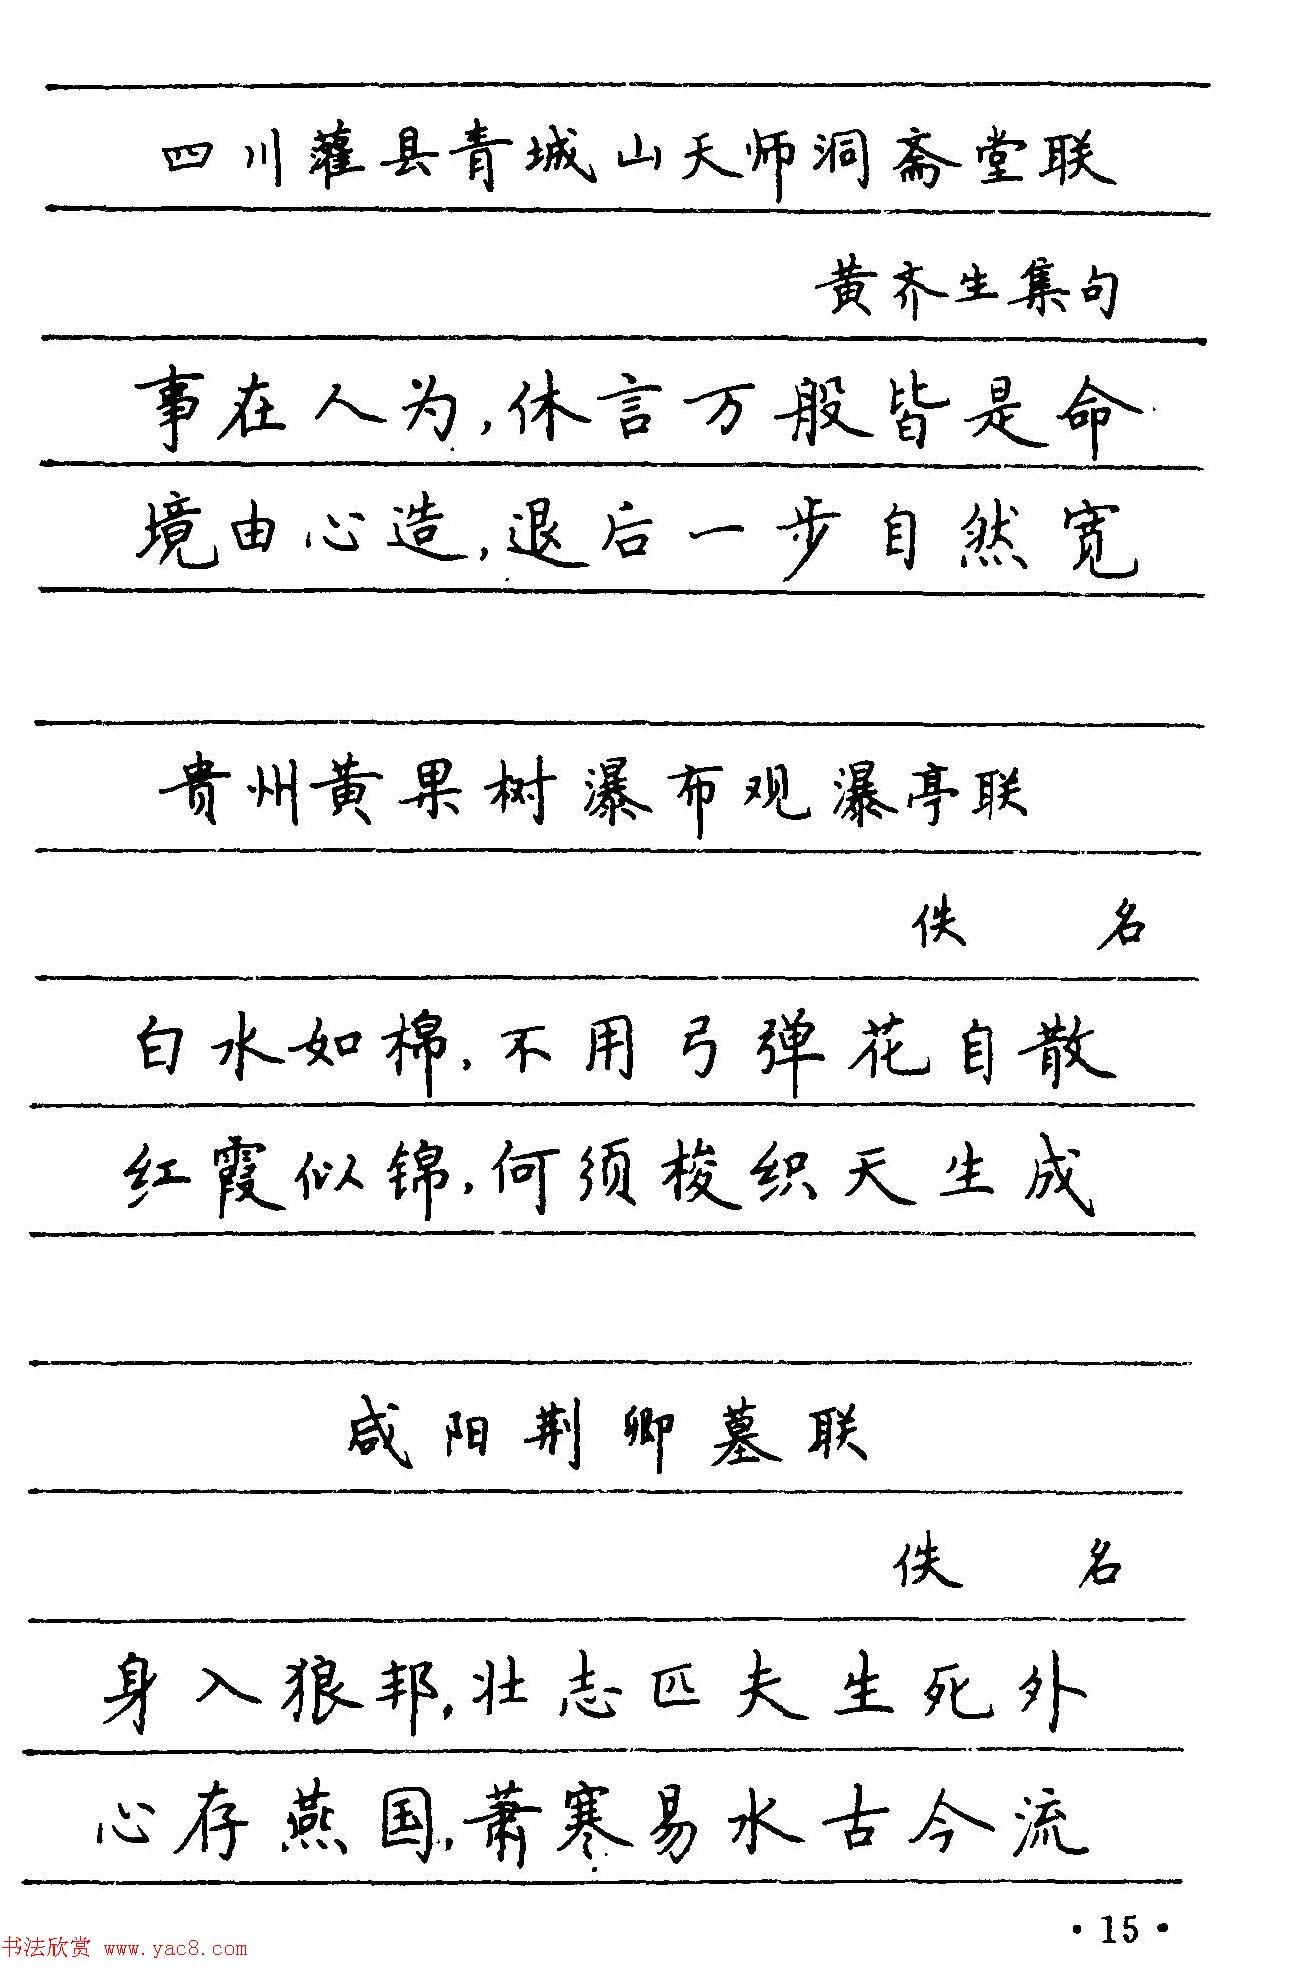 卢中南楷书《中国名联钢笔字帖》